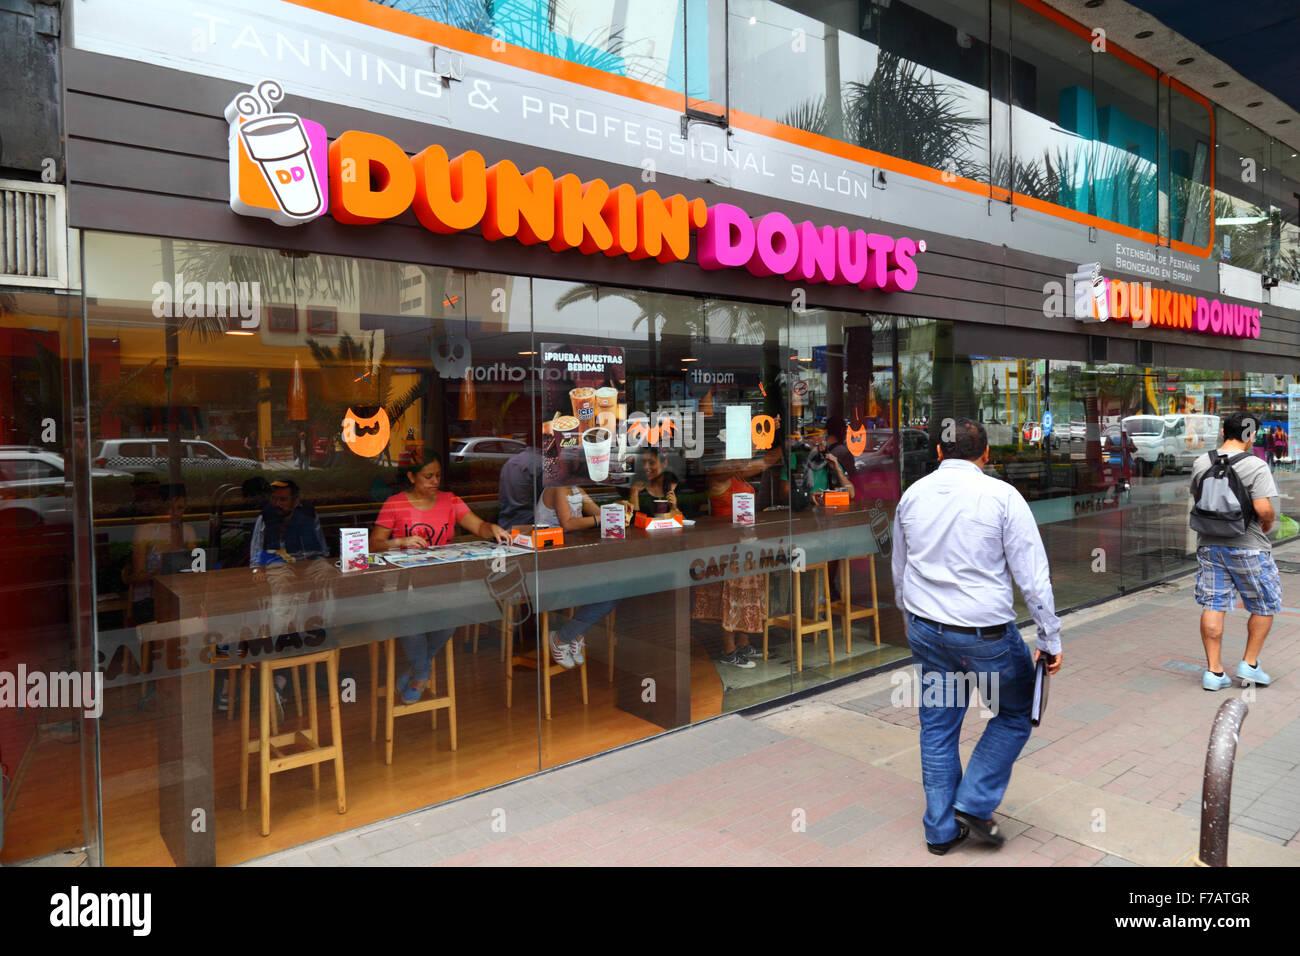 Dunkin Dunkin Donuts Stock Photos  Dunkin Dunkin Donuts Stock - Dunkin donuts location map usa